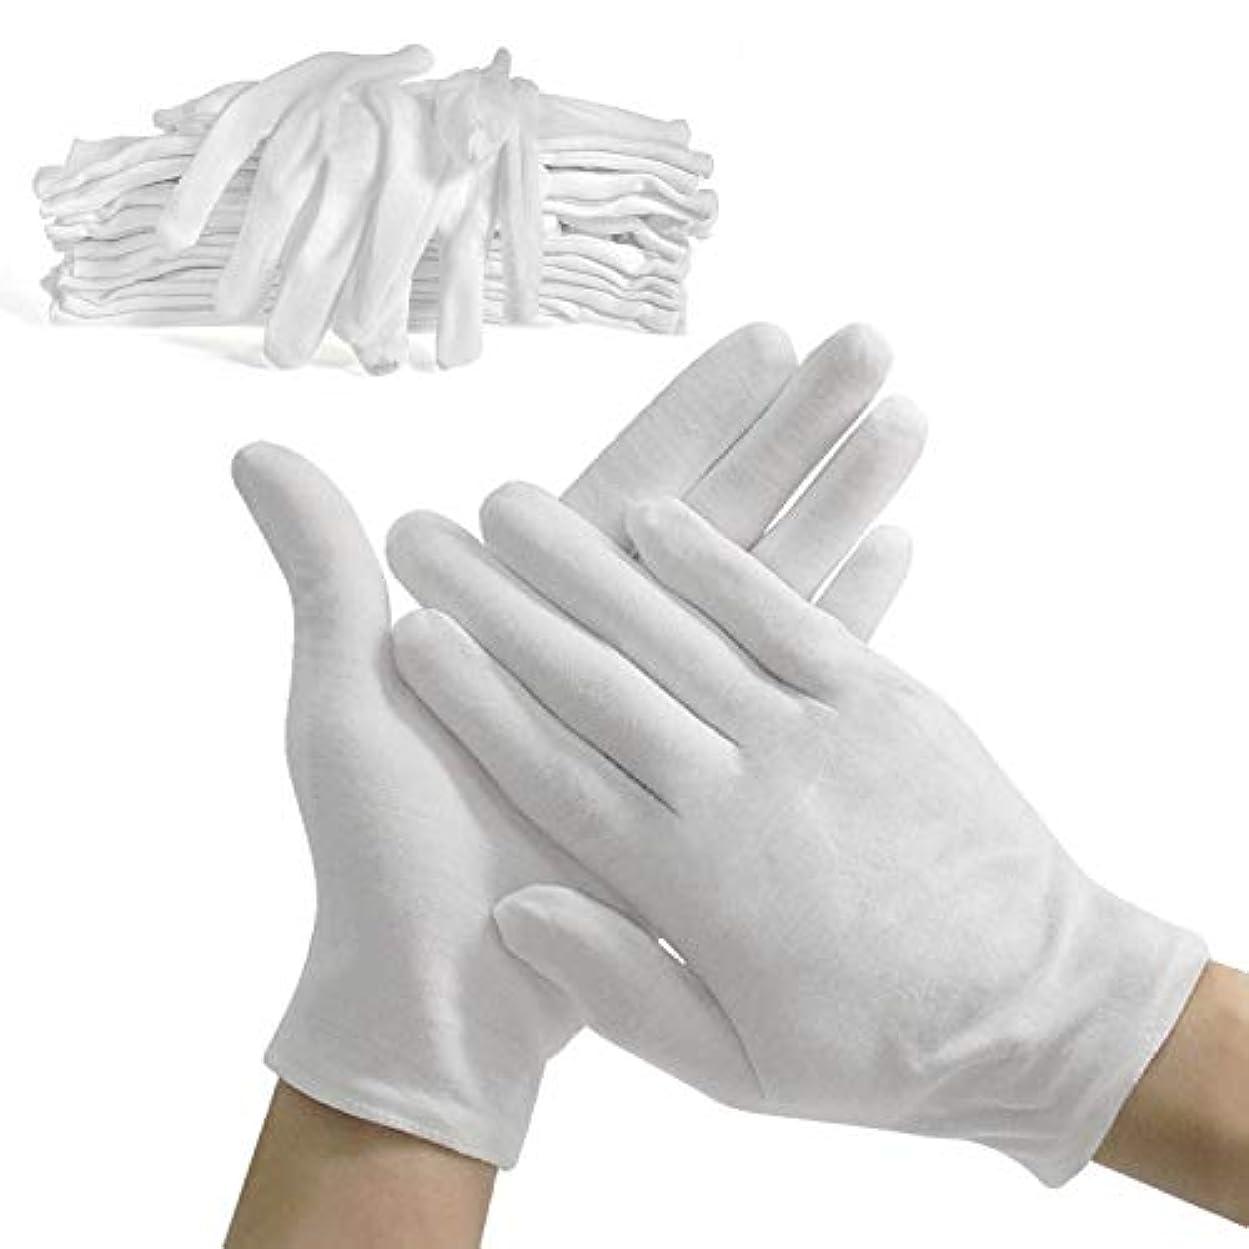 対人口径実現可能性使い捨て 手袋 コットン手袋 綿手袋 手荒れ 純綿100% 使い捨て 白手袋 薄手 お休み 湿疹 乾燥肌 保湿 礼装用 メンズ 手袋 レディース (XL,梱包数量100組(200)) (XL,梱包数量100組(200))